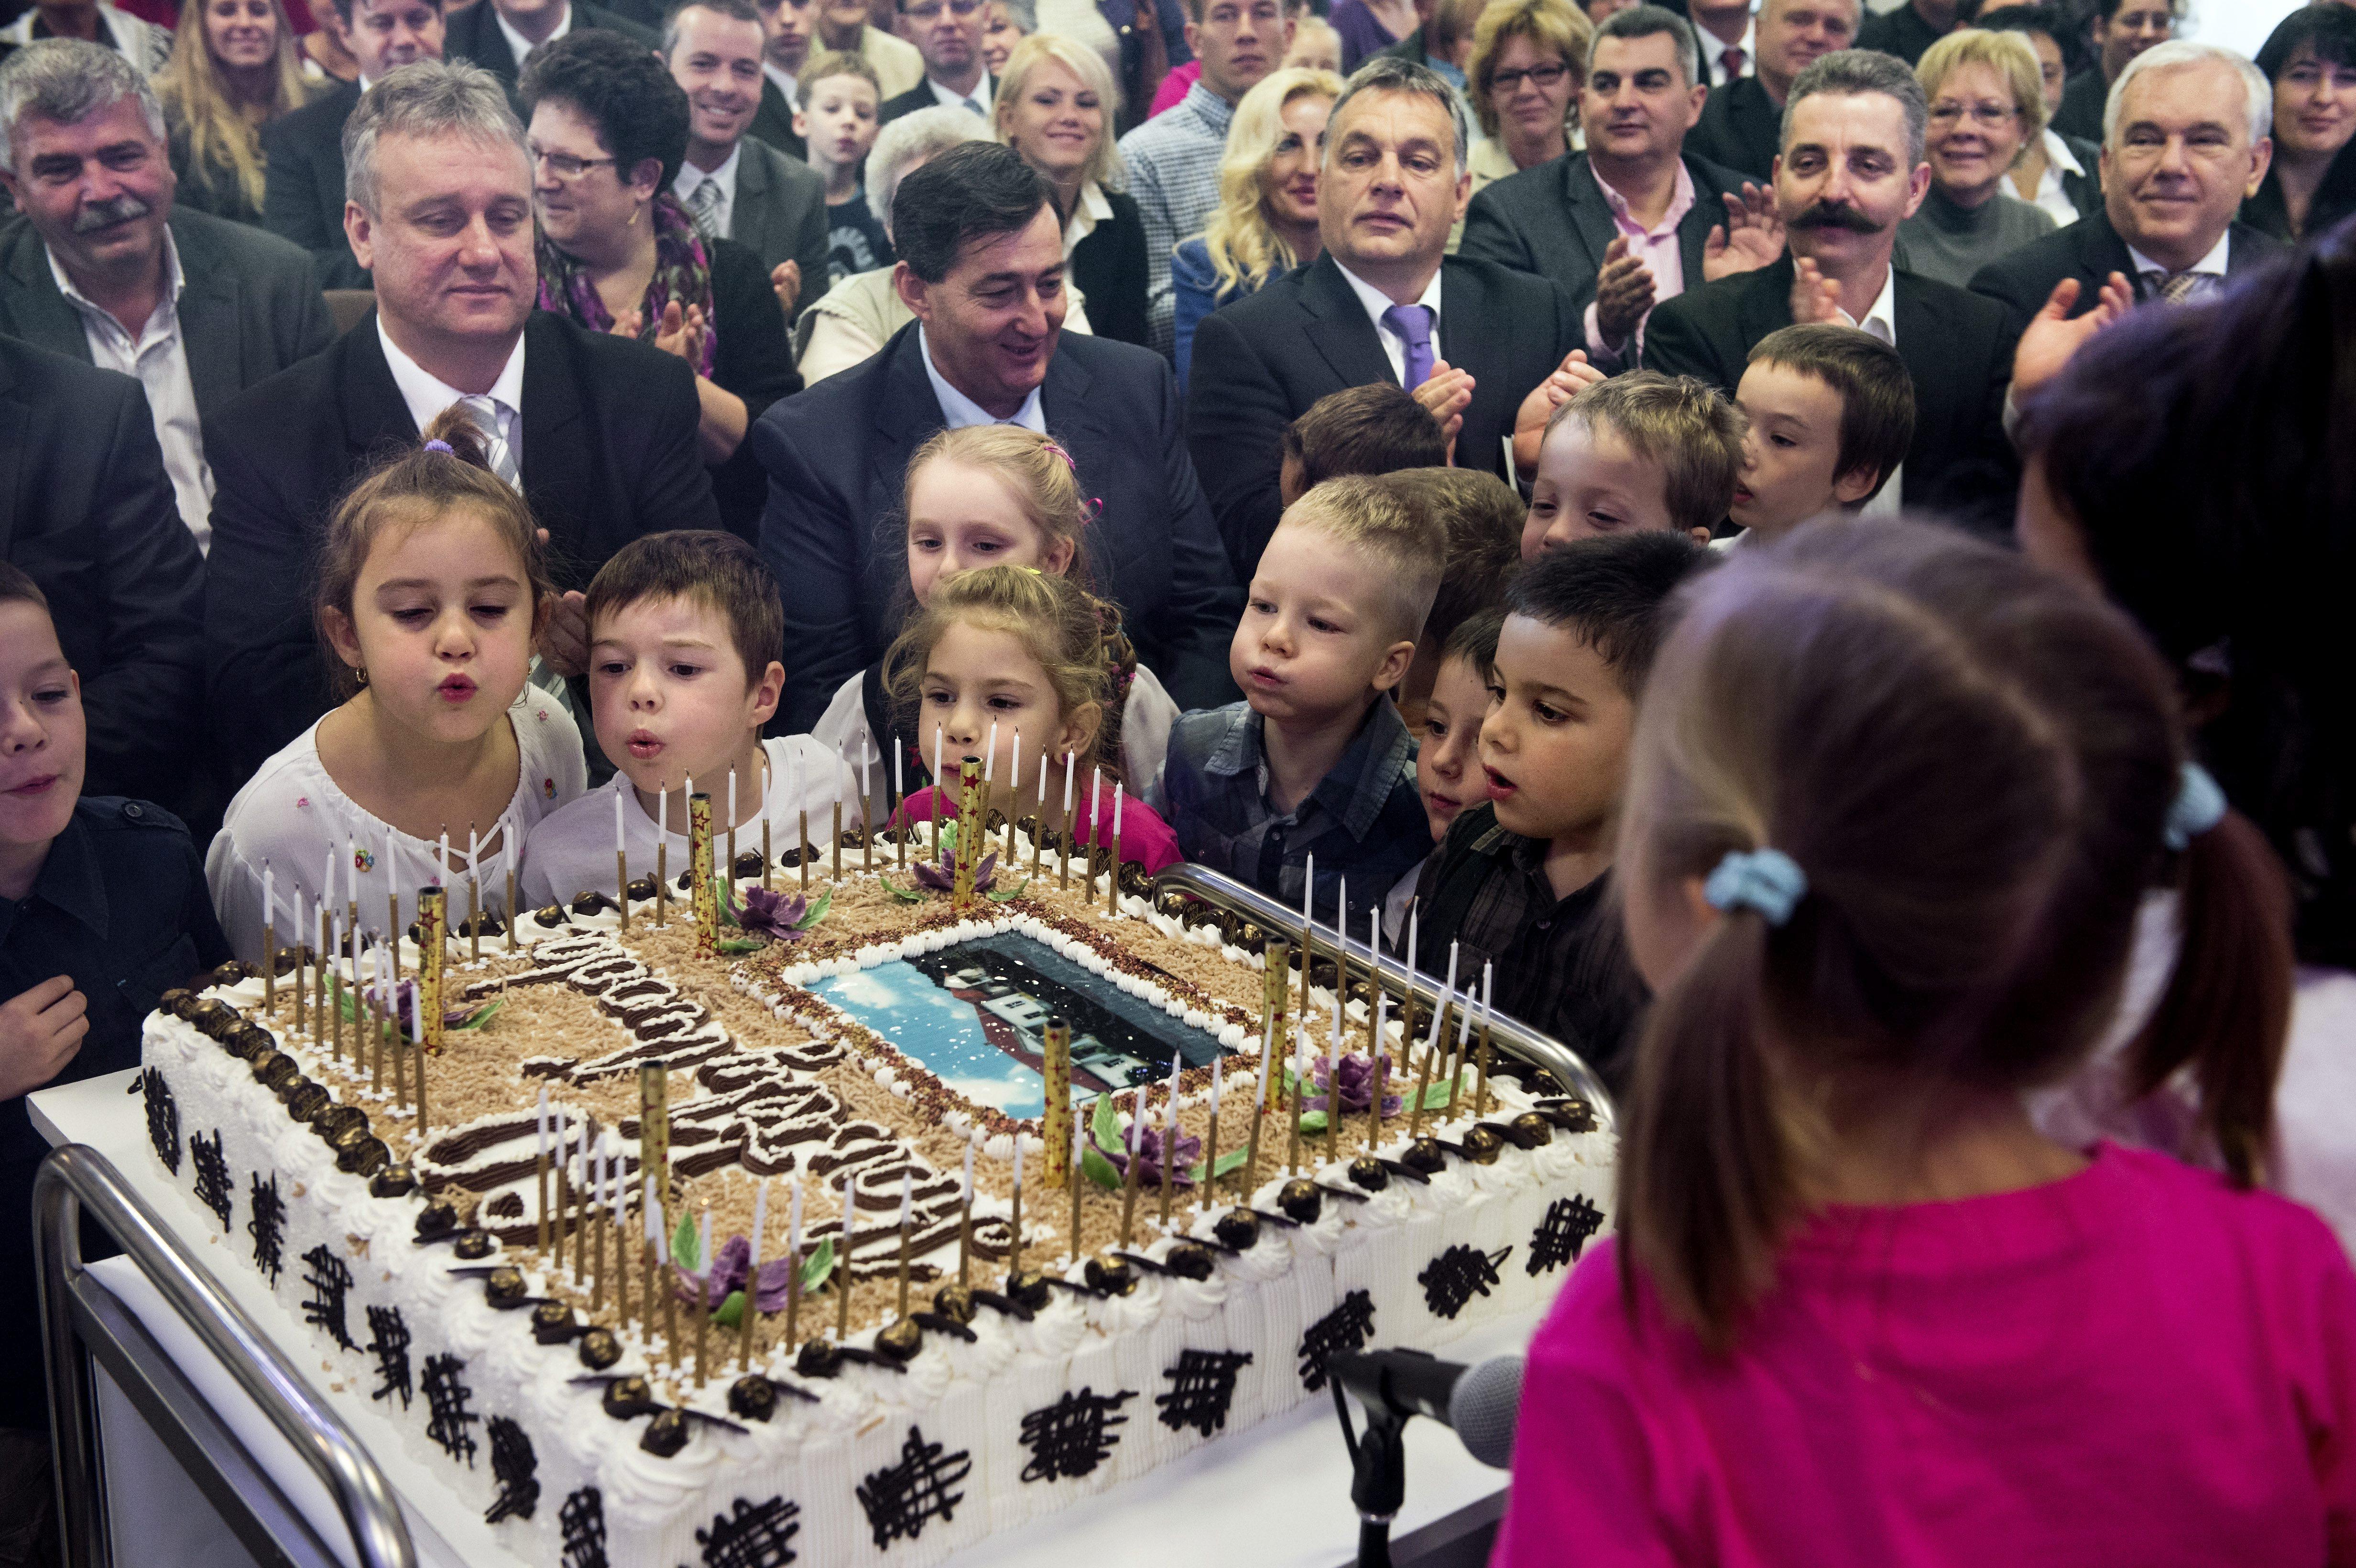 A kormány idén annyit szán óvodafejlesztésre, mint amennyit Mészáros Lőrinc 2015-ben osztalékként kivett a családi cégéből